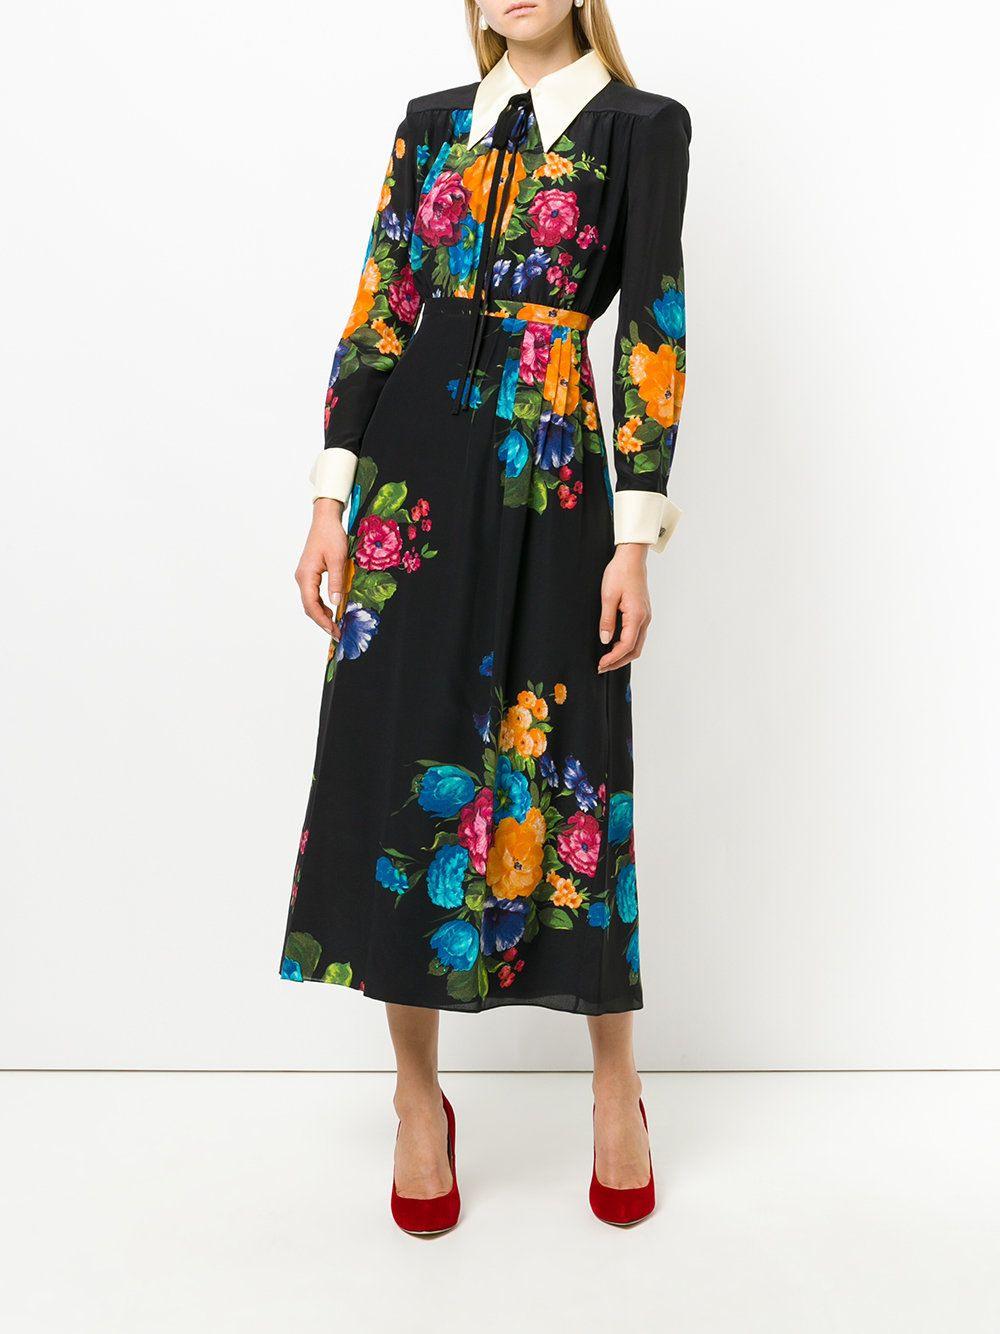 Abend Luxurius Gucci Abend Kleid BoutiqueFormal Spektakulär Gucci Abend Kleid Vertrieb